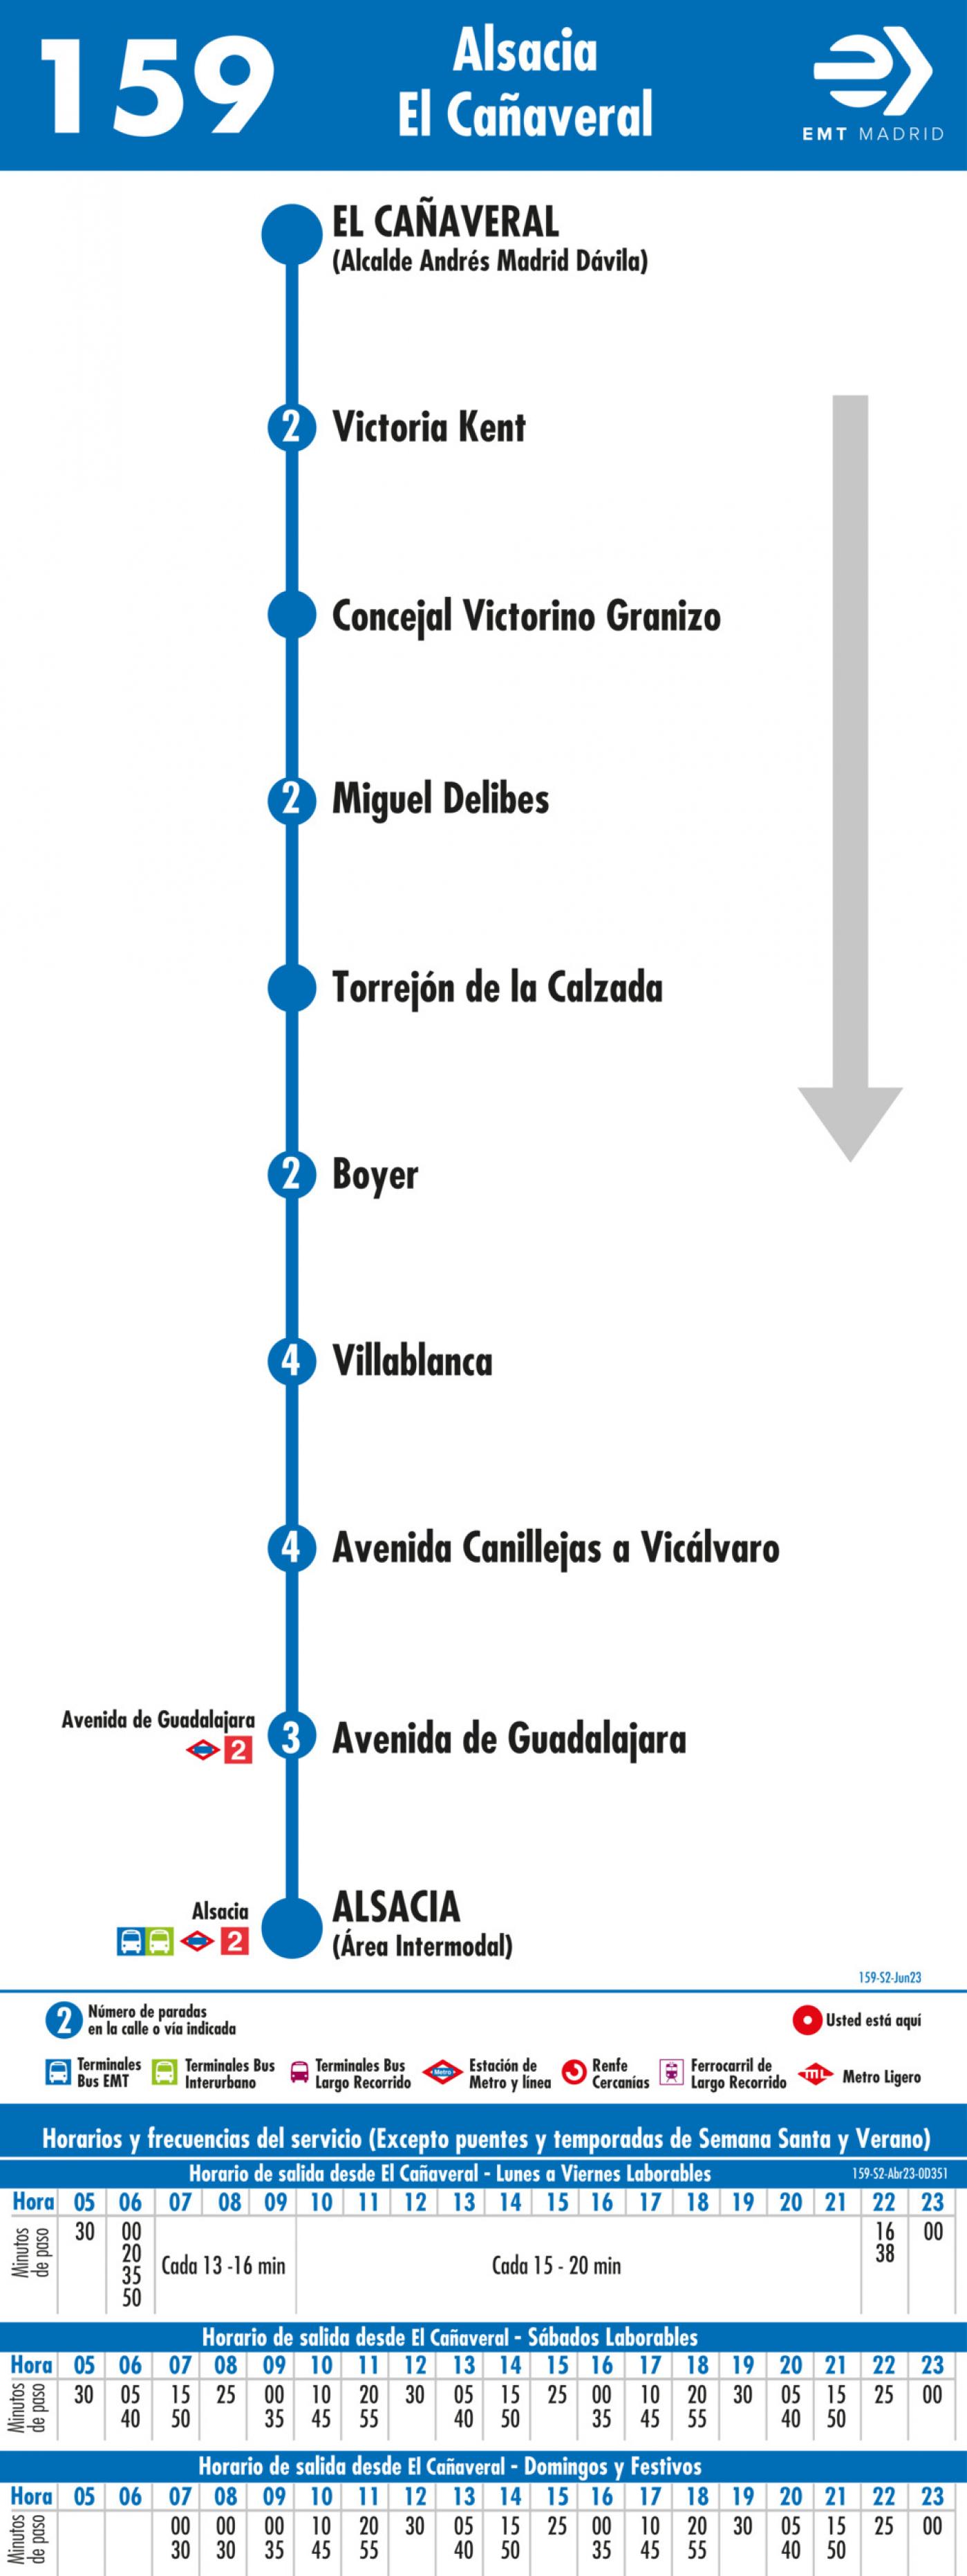 Tabla de horarios y frecuencias de paso en sentido vuelta Línea 159: Alsacia - El Cañaveral